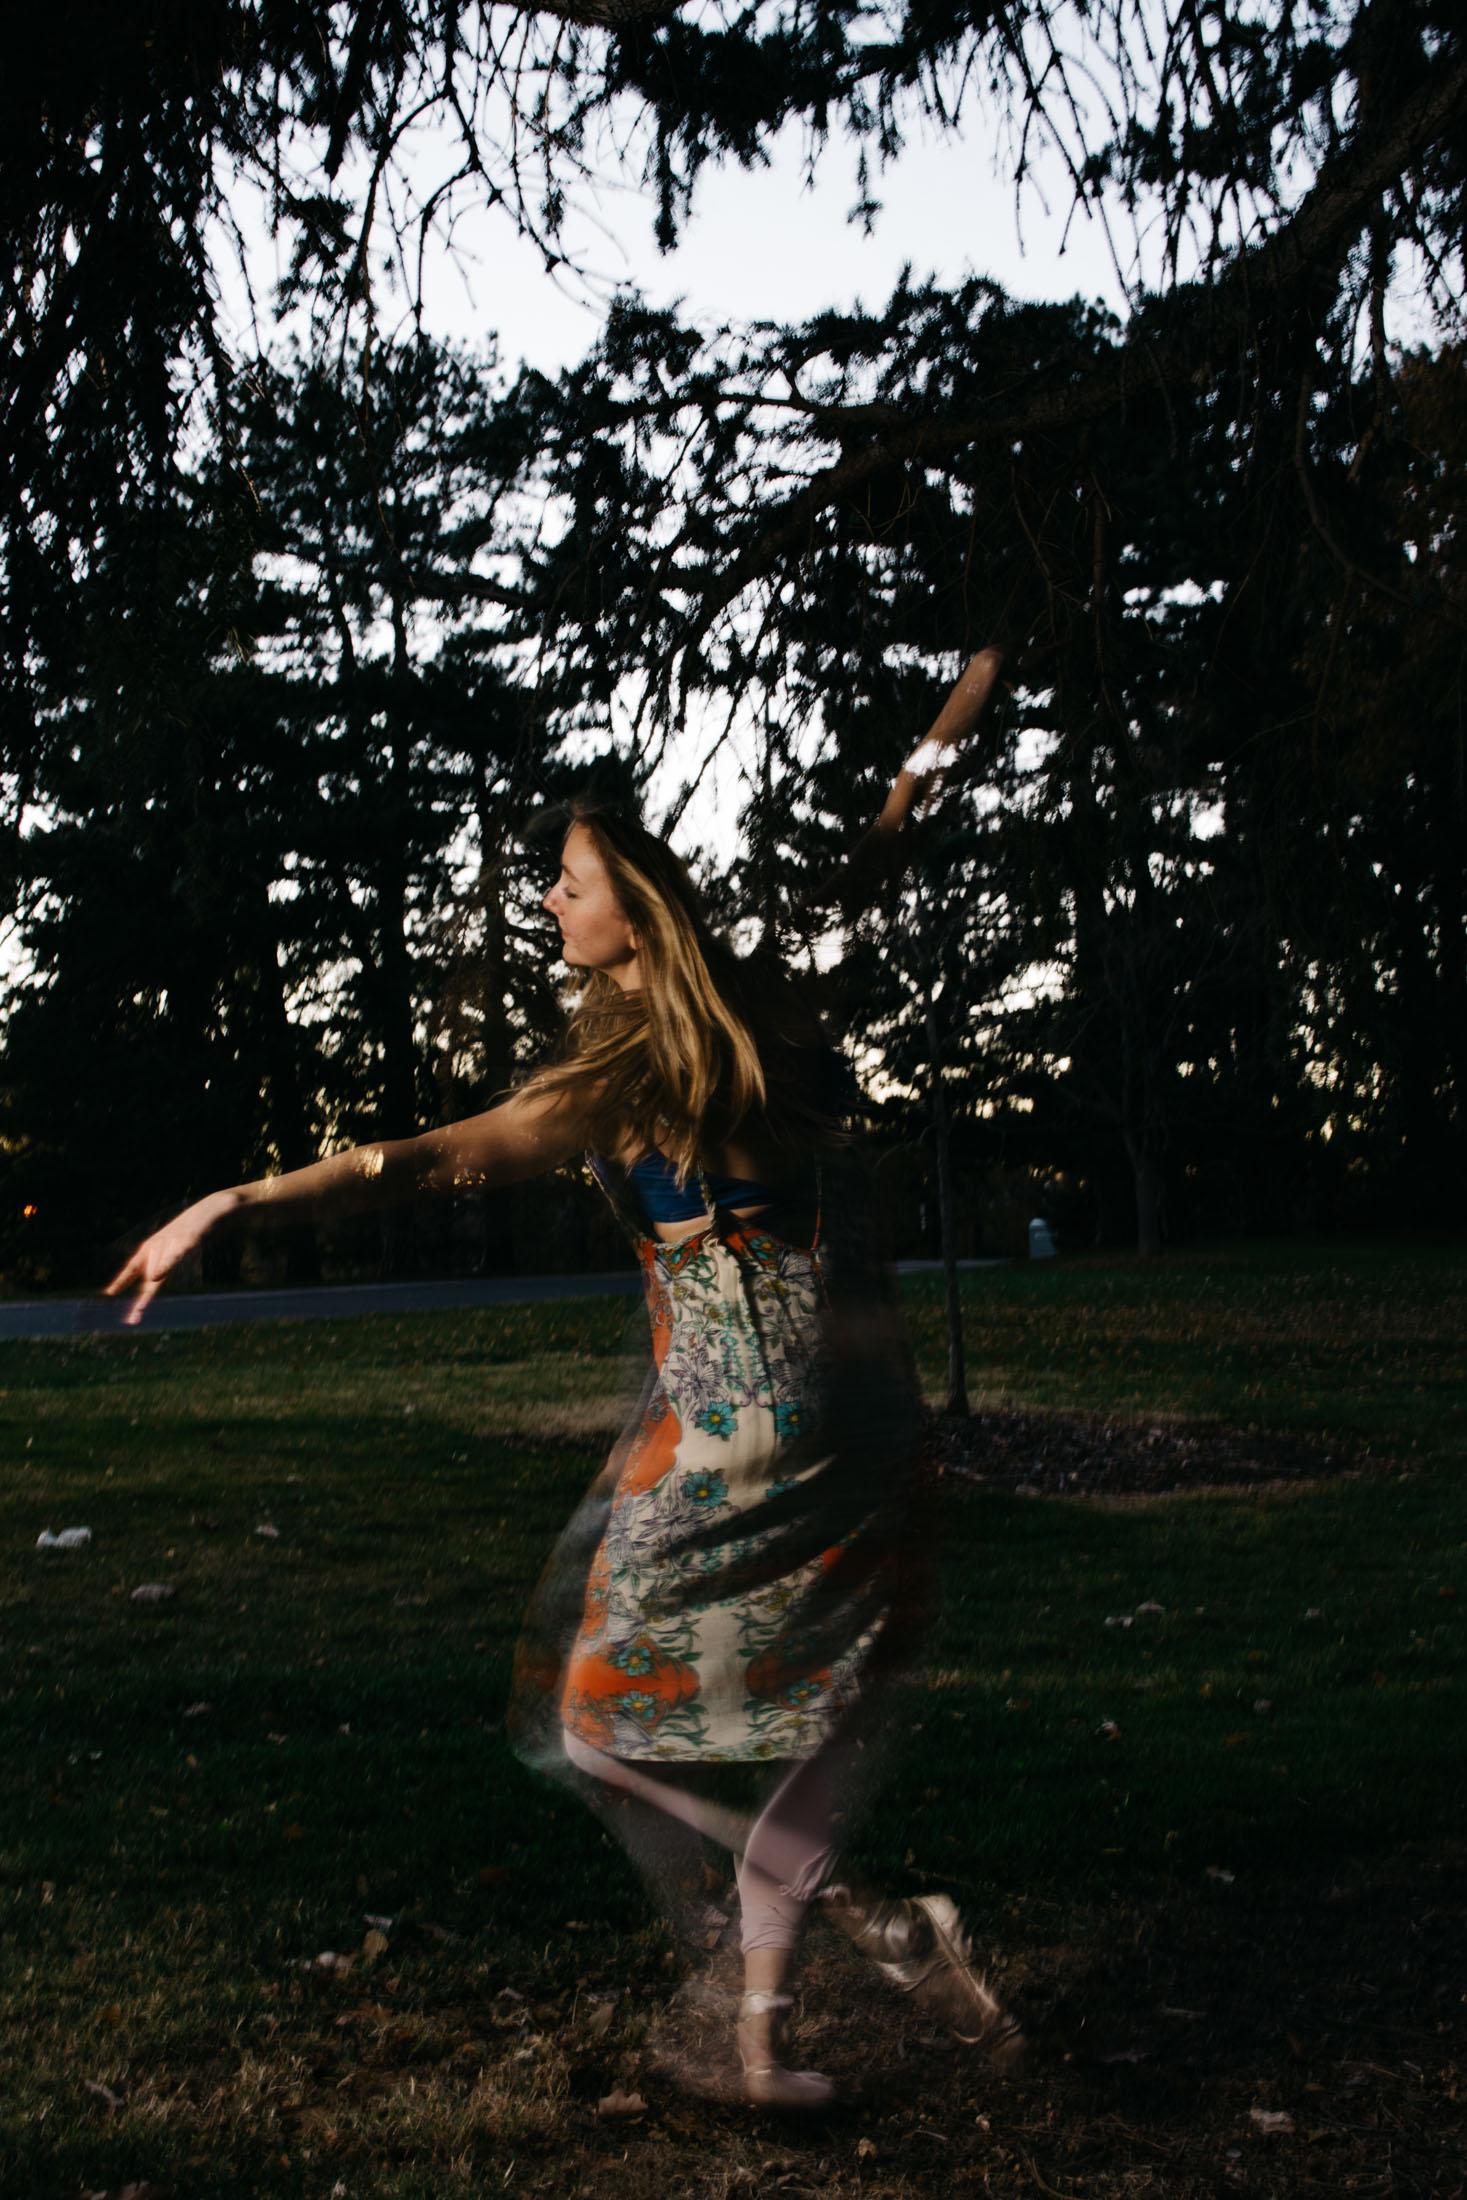 denver-dance-photographer-ballet-photographer-chloe-2017-302.jpg